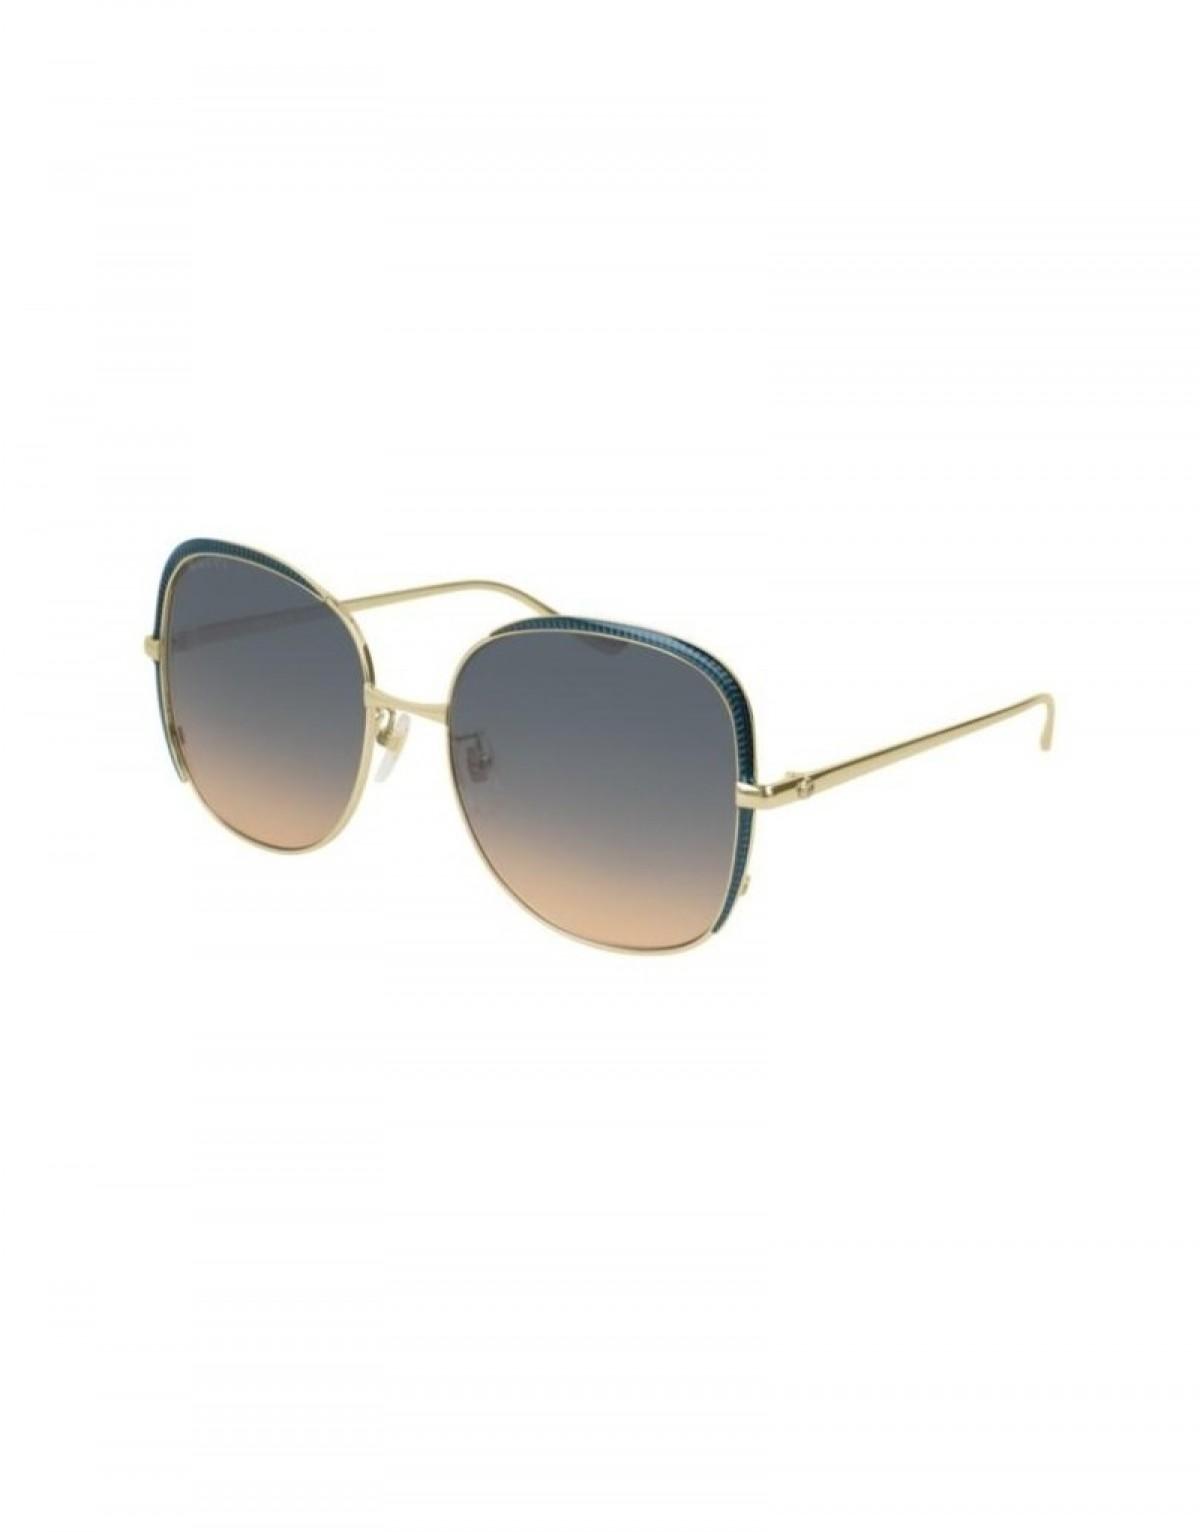 Gucci GG400S 006, 400,00€, Occhiali Gucci Oro a forma Squadrato